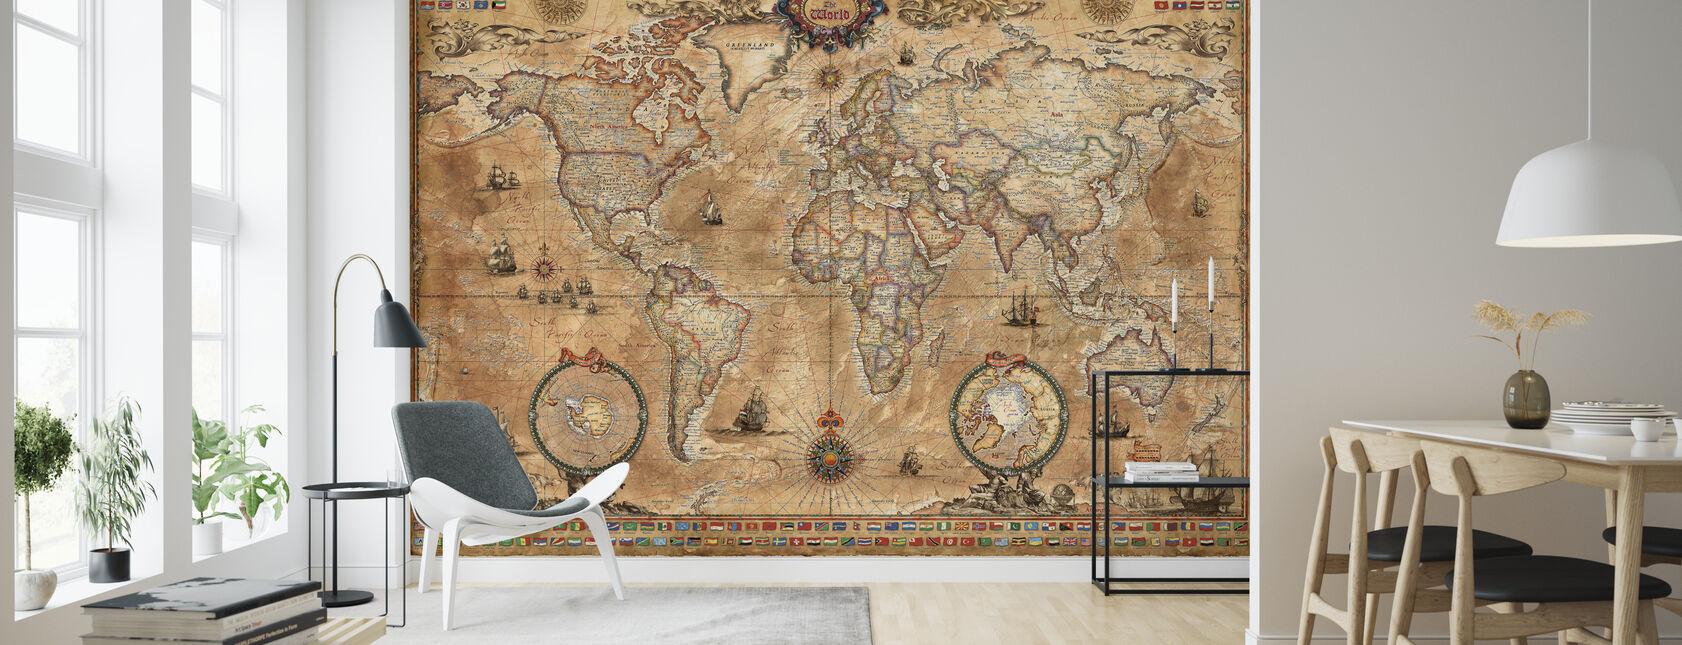 Pergament Map - Wallpaper - Living Room